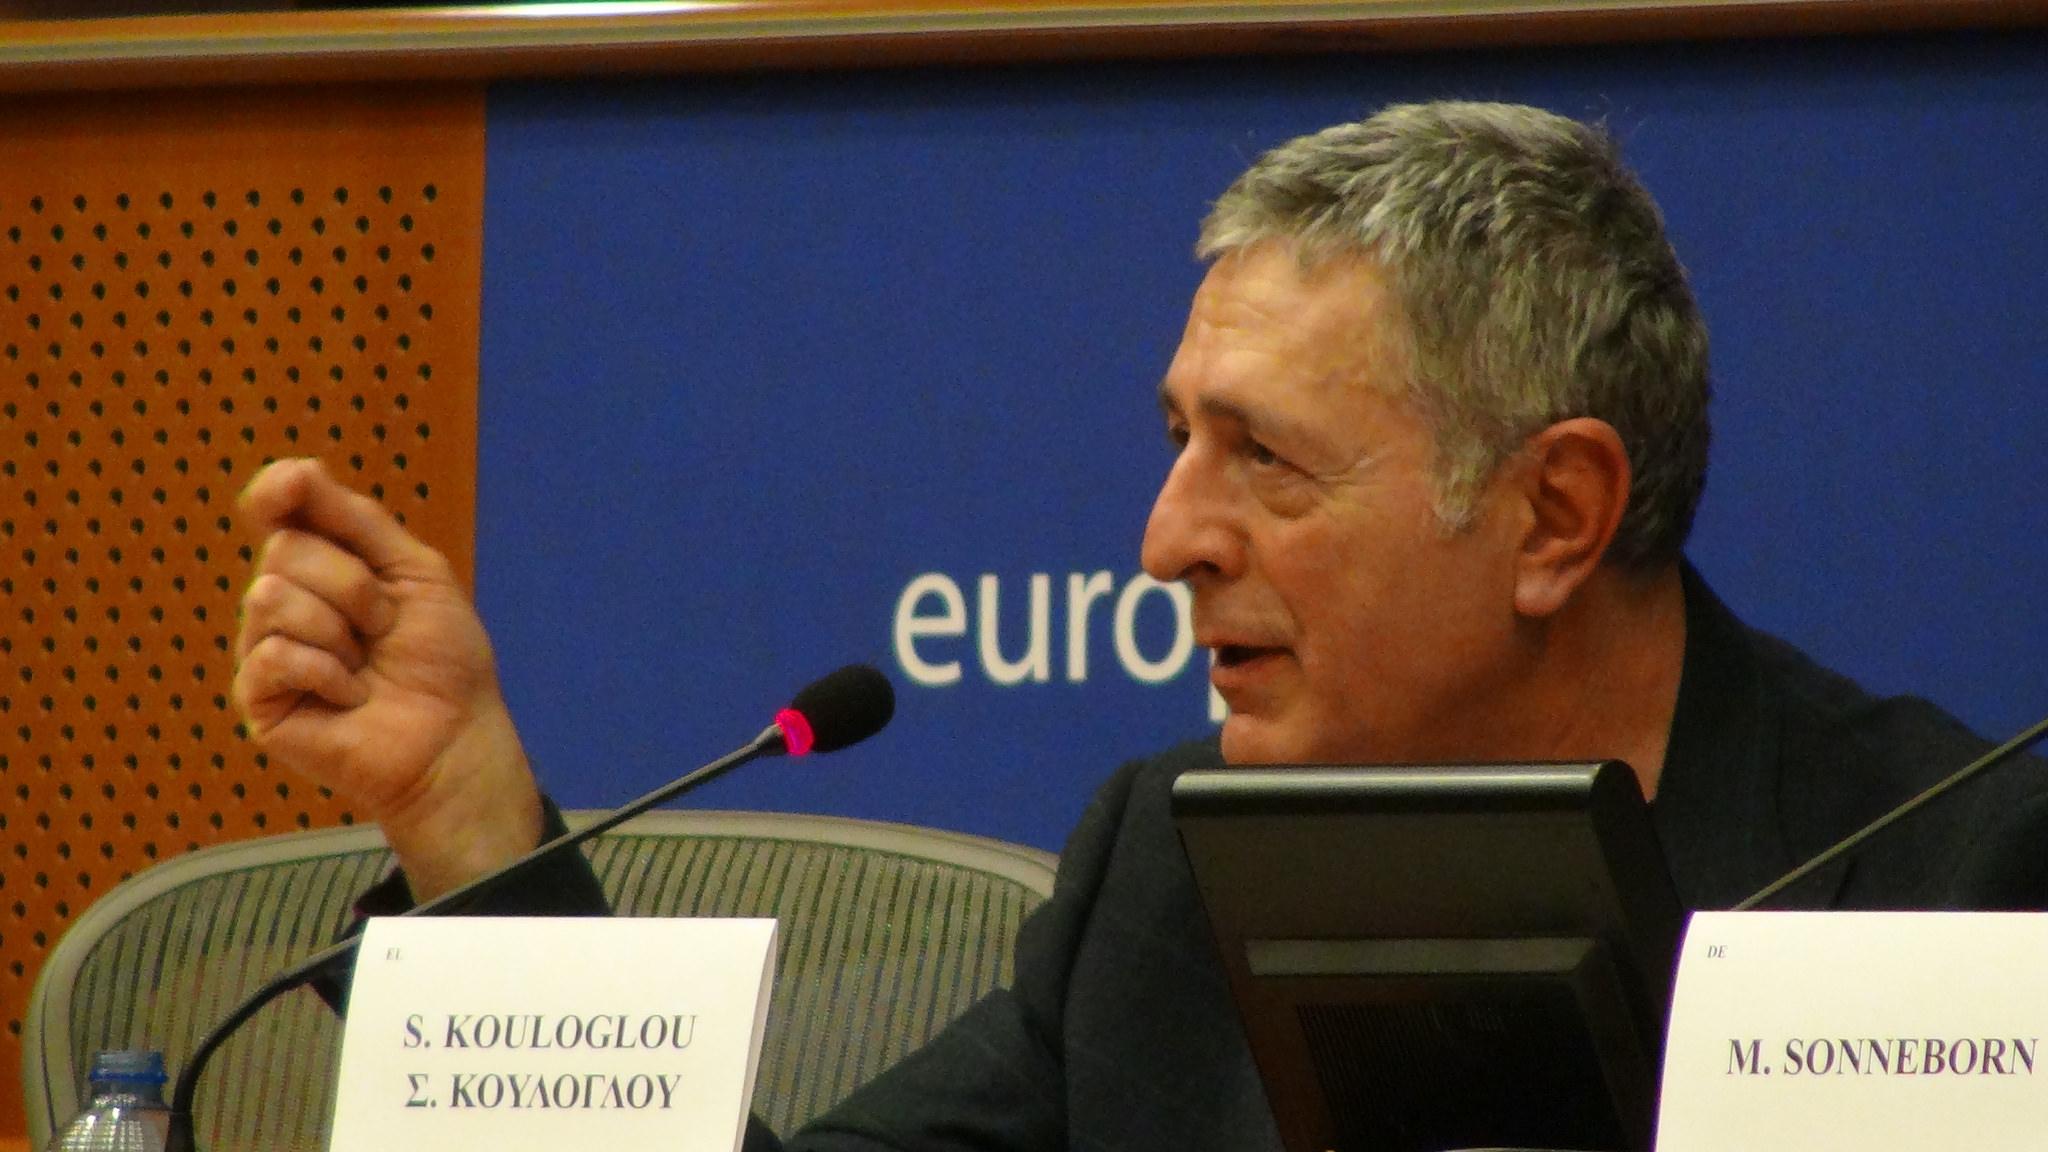 Στήριξη Γιούνκερ σε πρόταση Κούλογλου και Χατζηγεωργίου για σύσταση μόνιμης Επιτροπής στο Ευρωπαϊκό Κοινοβούλιο κατά της φοροδιαφυγής